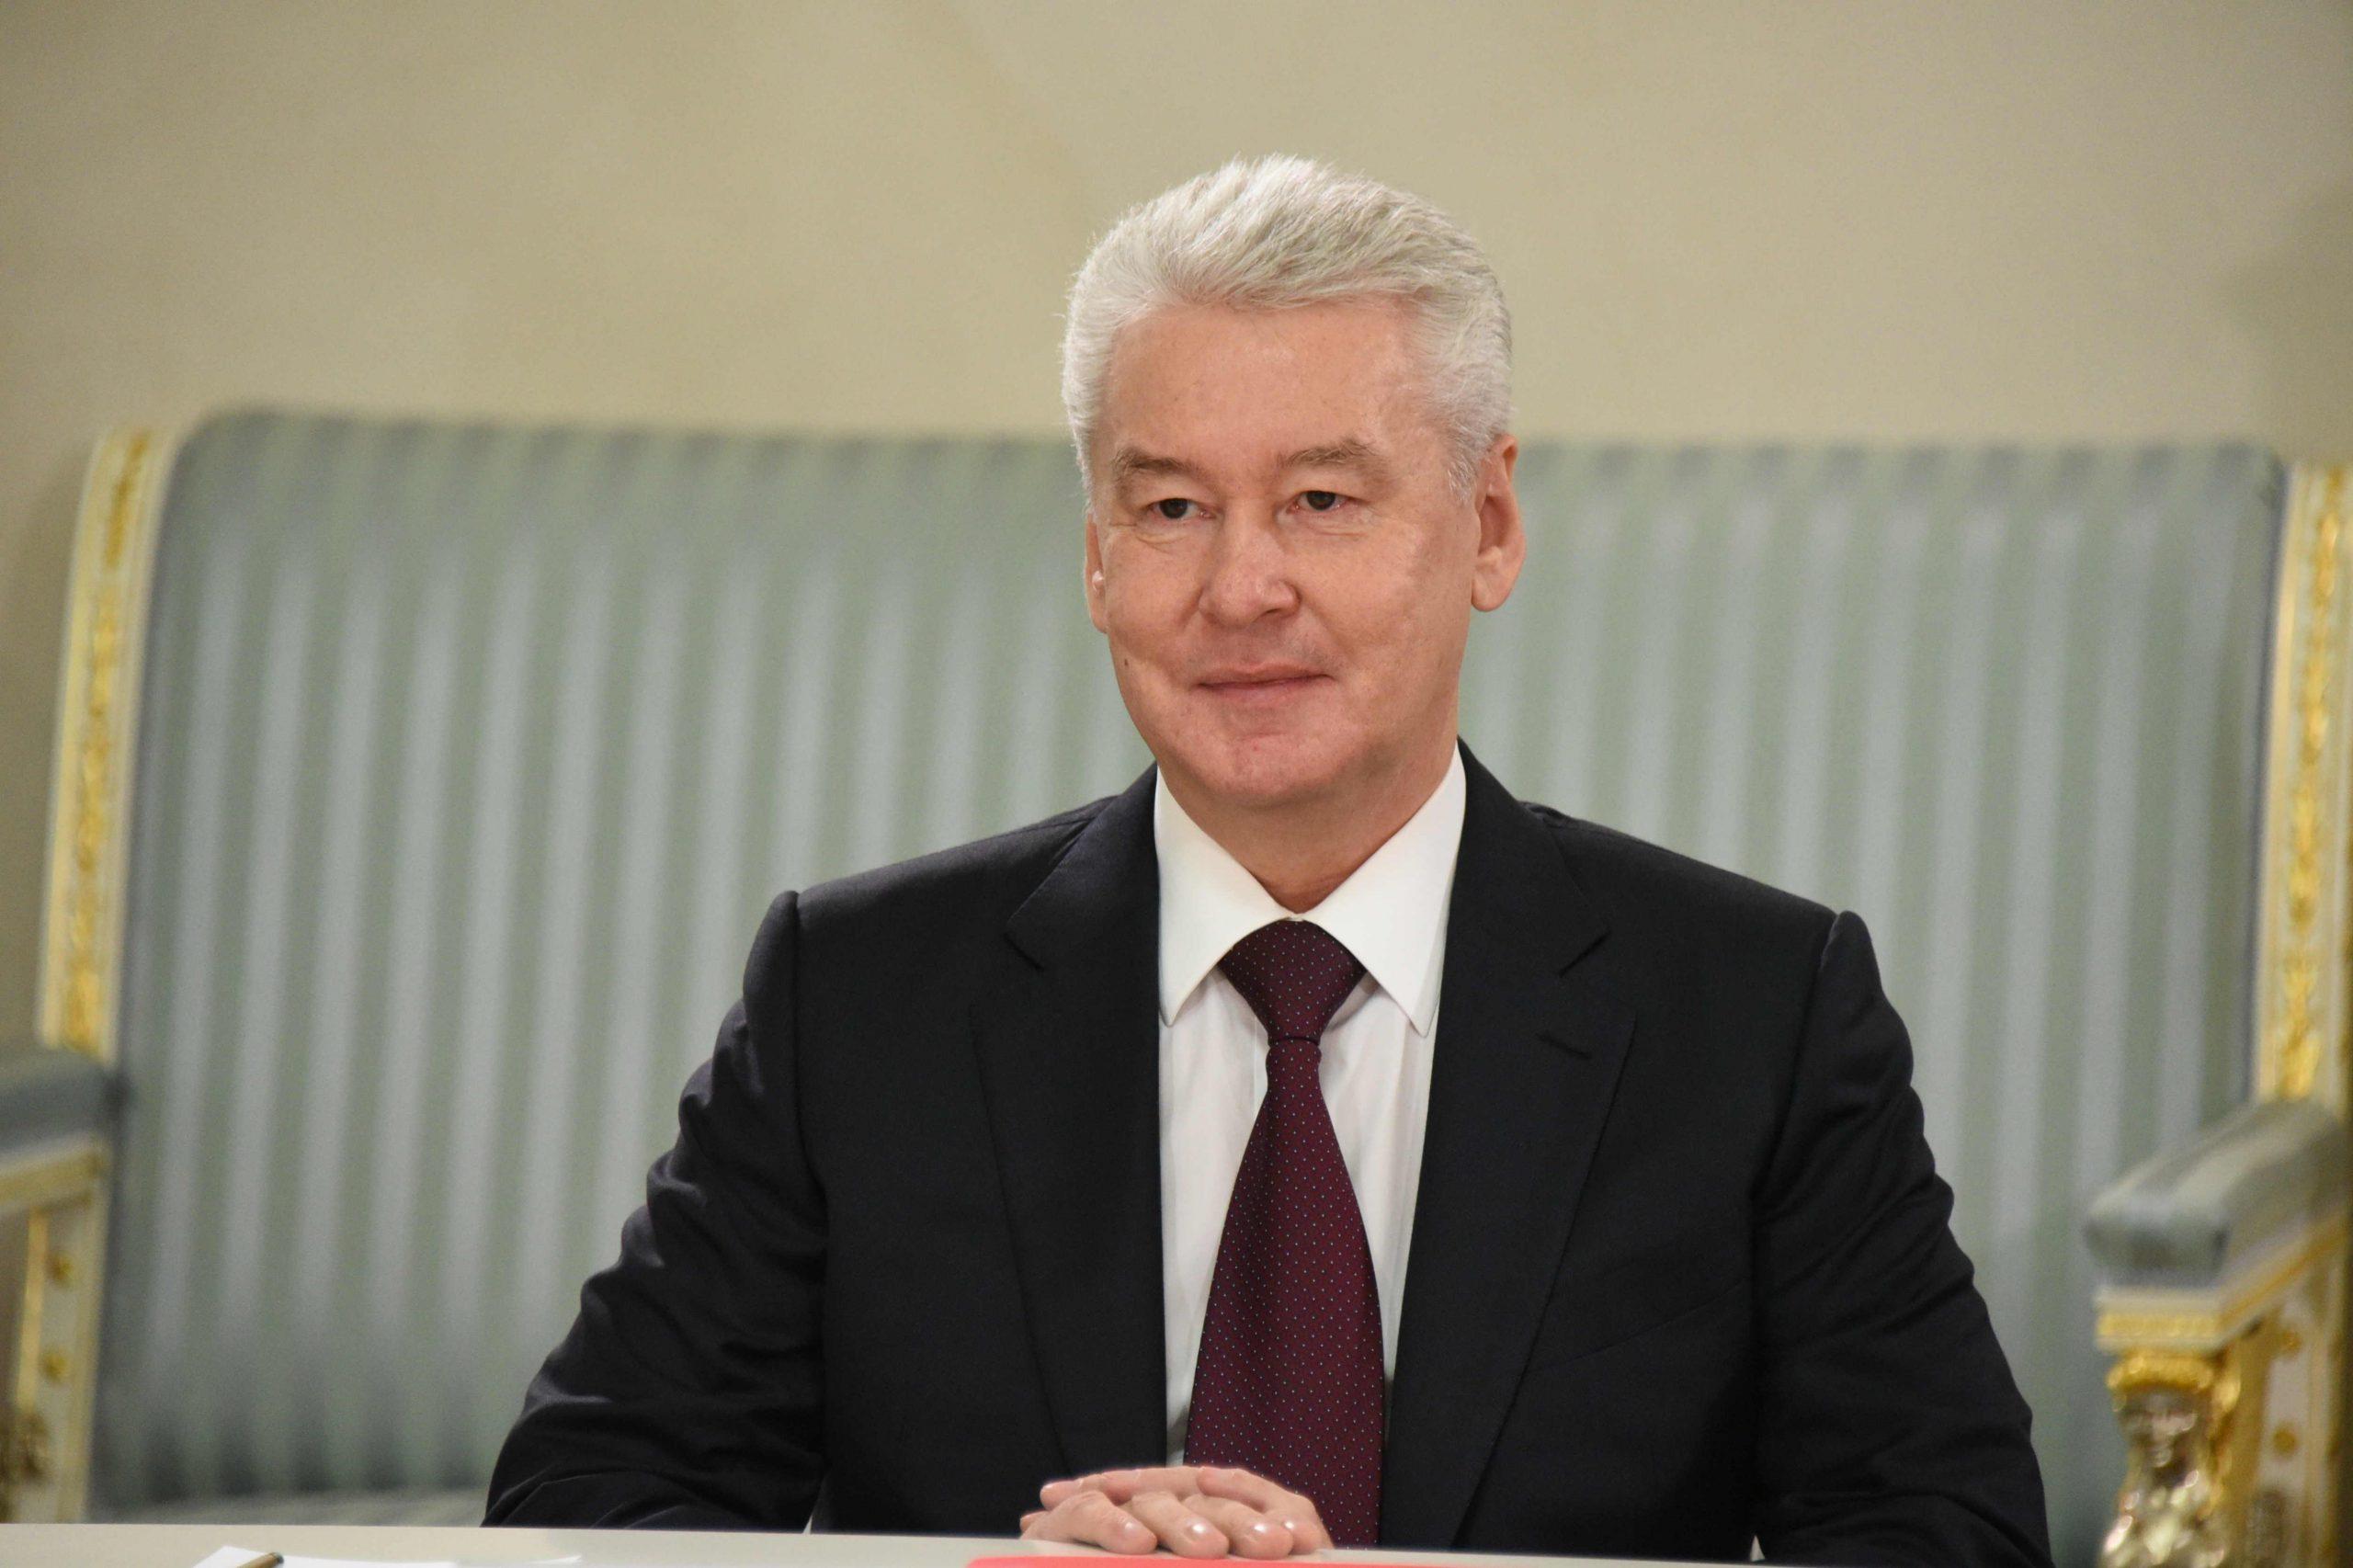 Сергей Собянин рассказал о строительстве медицинских учреждений в Москве